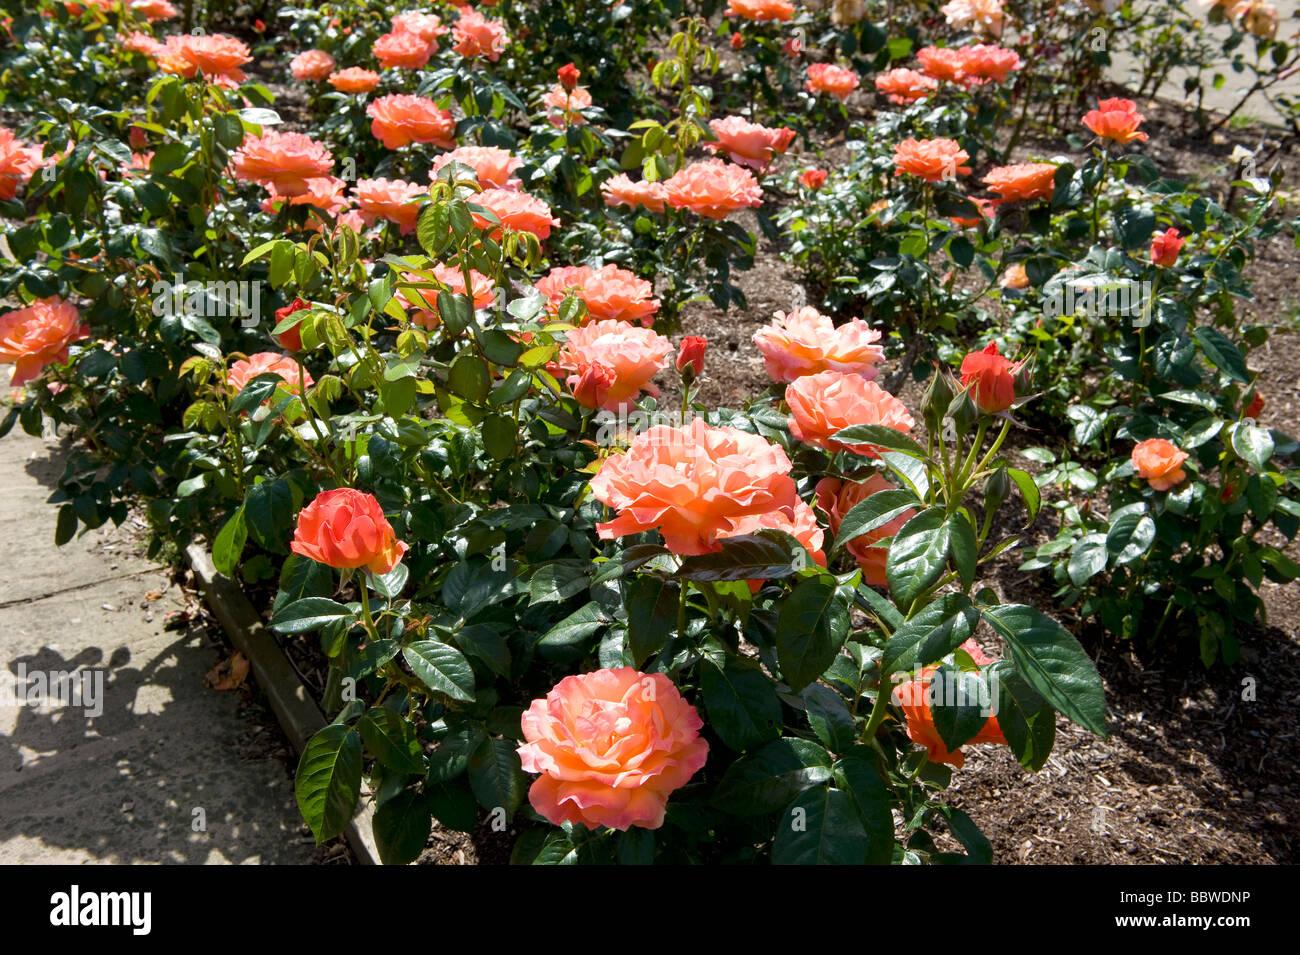 Rose Beca 'Harwelcome' Imagen De Stock